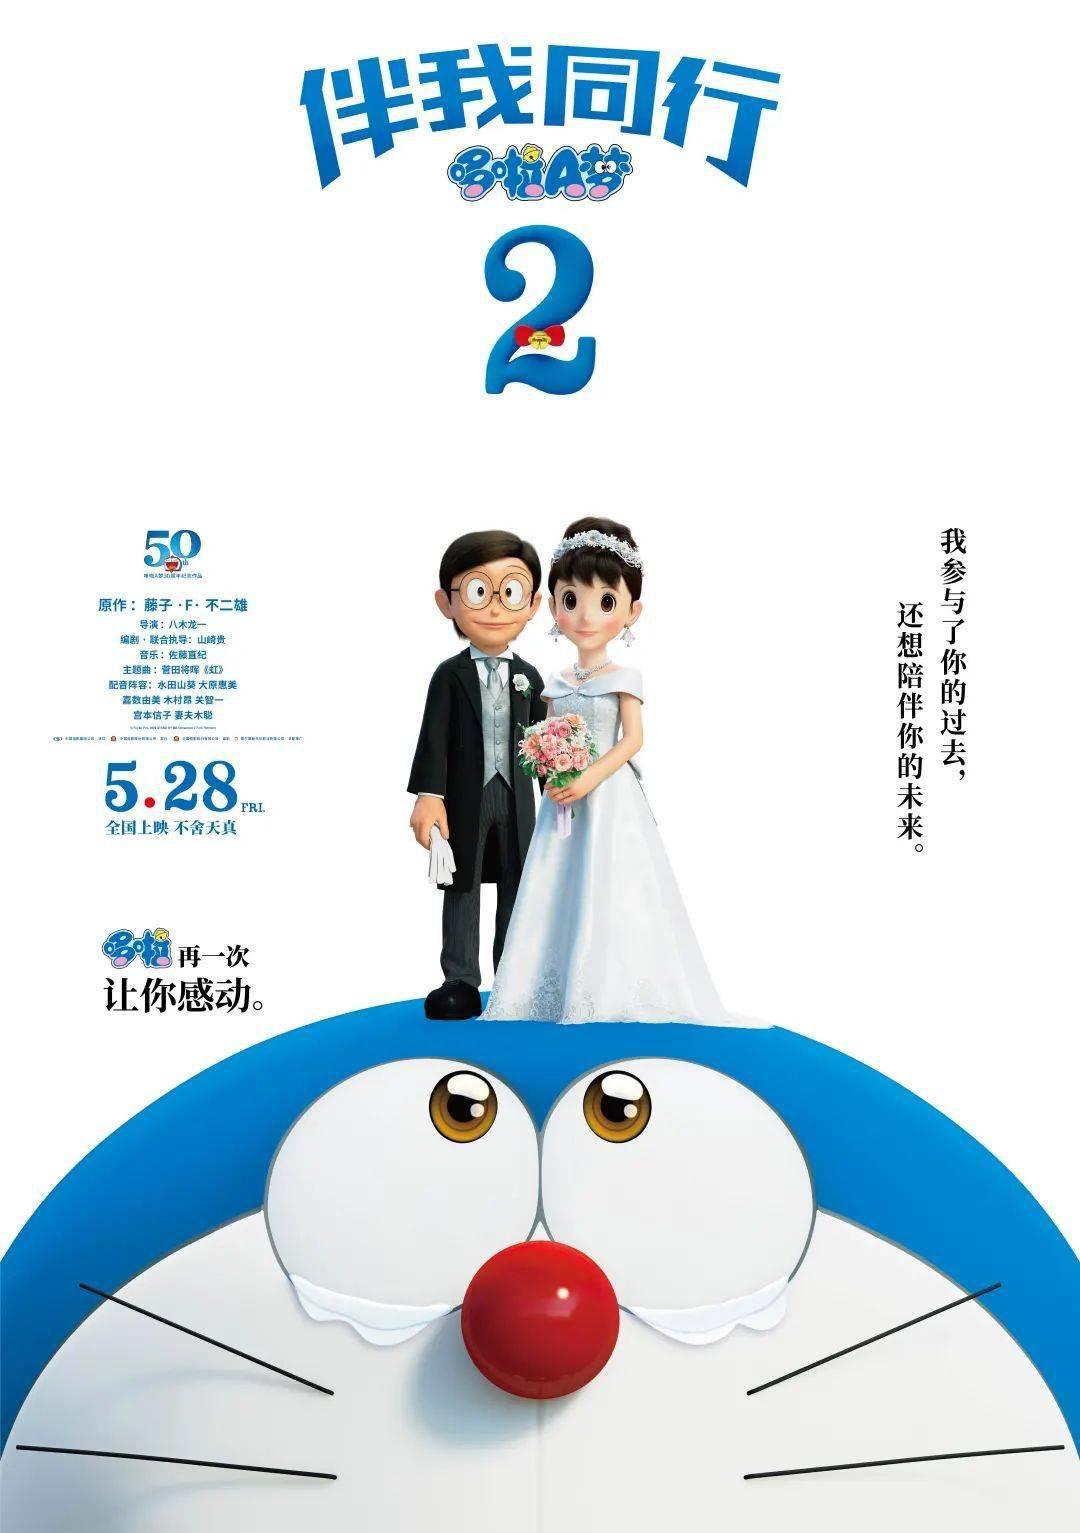 5月28日《哆啦A梦:伴我同行2》大雄和静香结婚啦